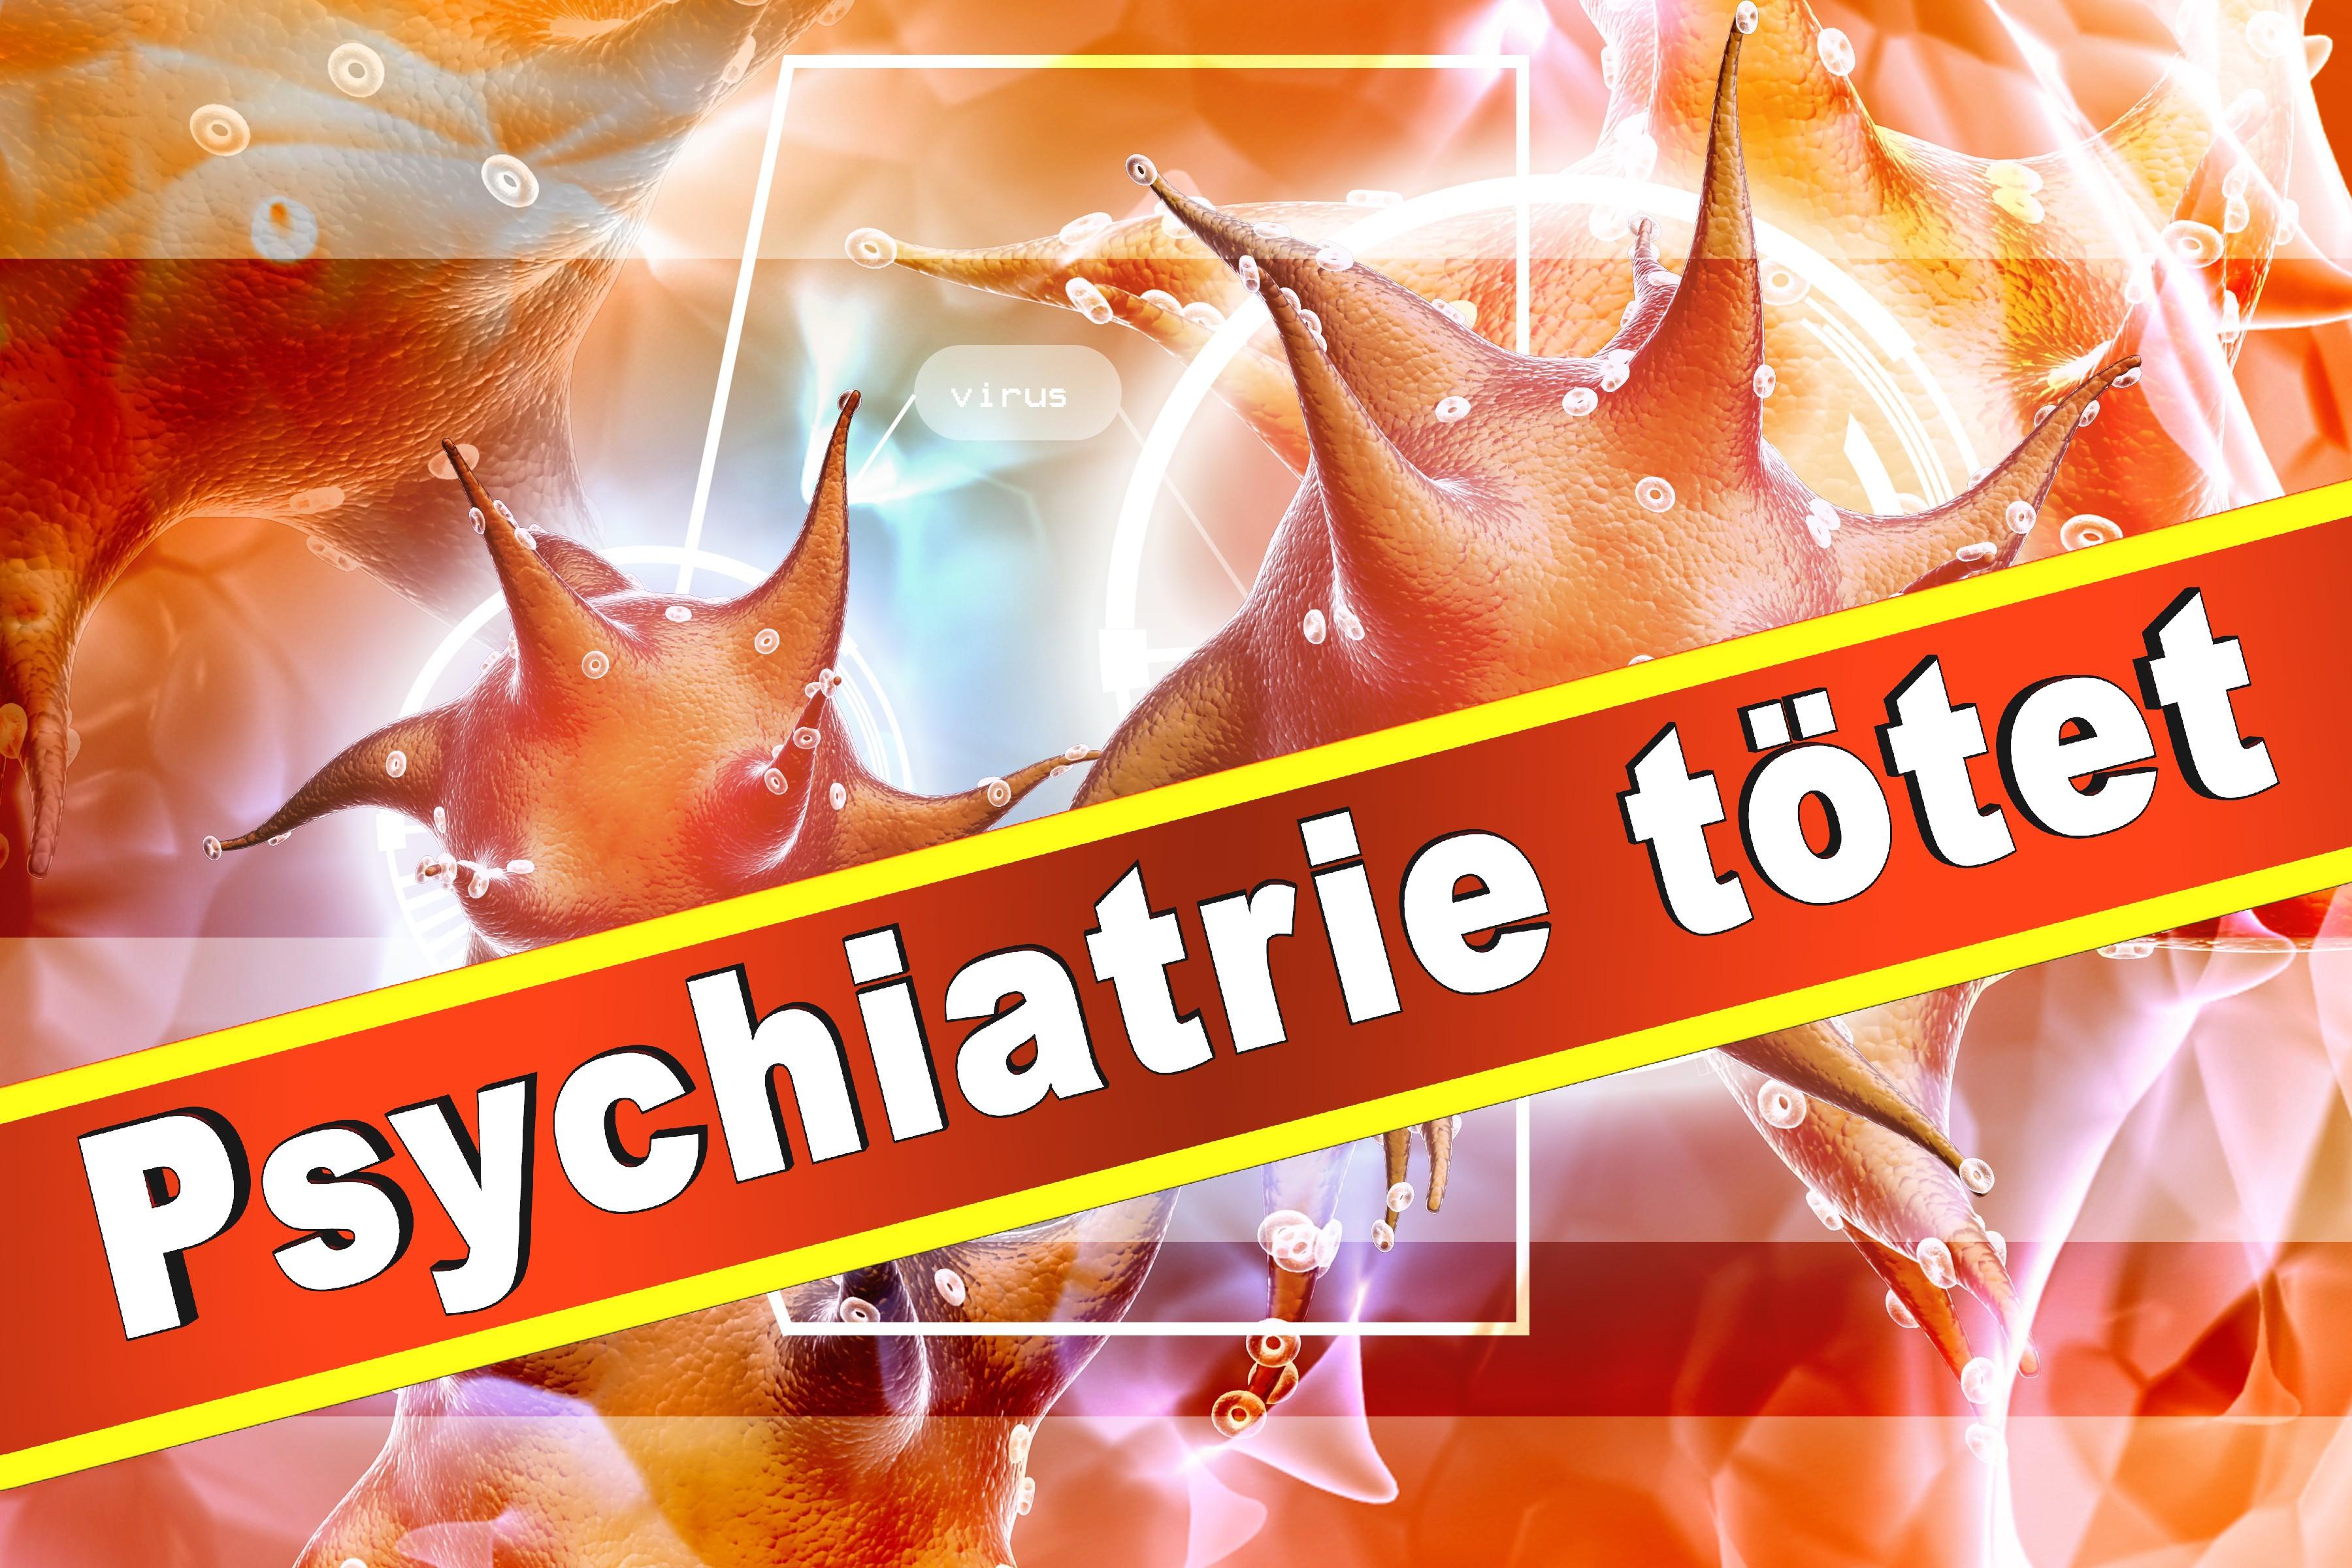 Carl Ernst Von Schönfeld Tagesklinik Psychiatrie Tod Bethel Psychiater Korruption Gift Zwangspsychiatrie Unterbringung (13)